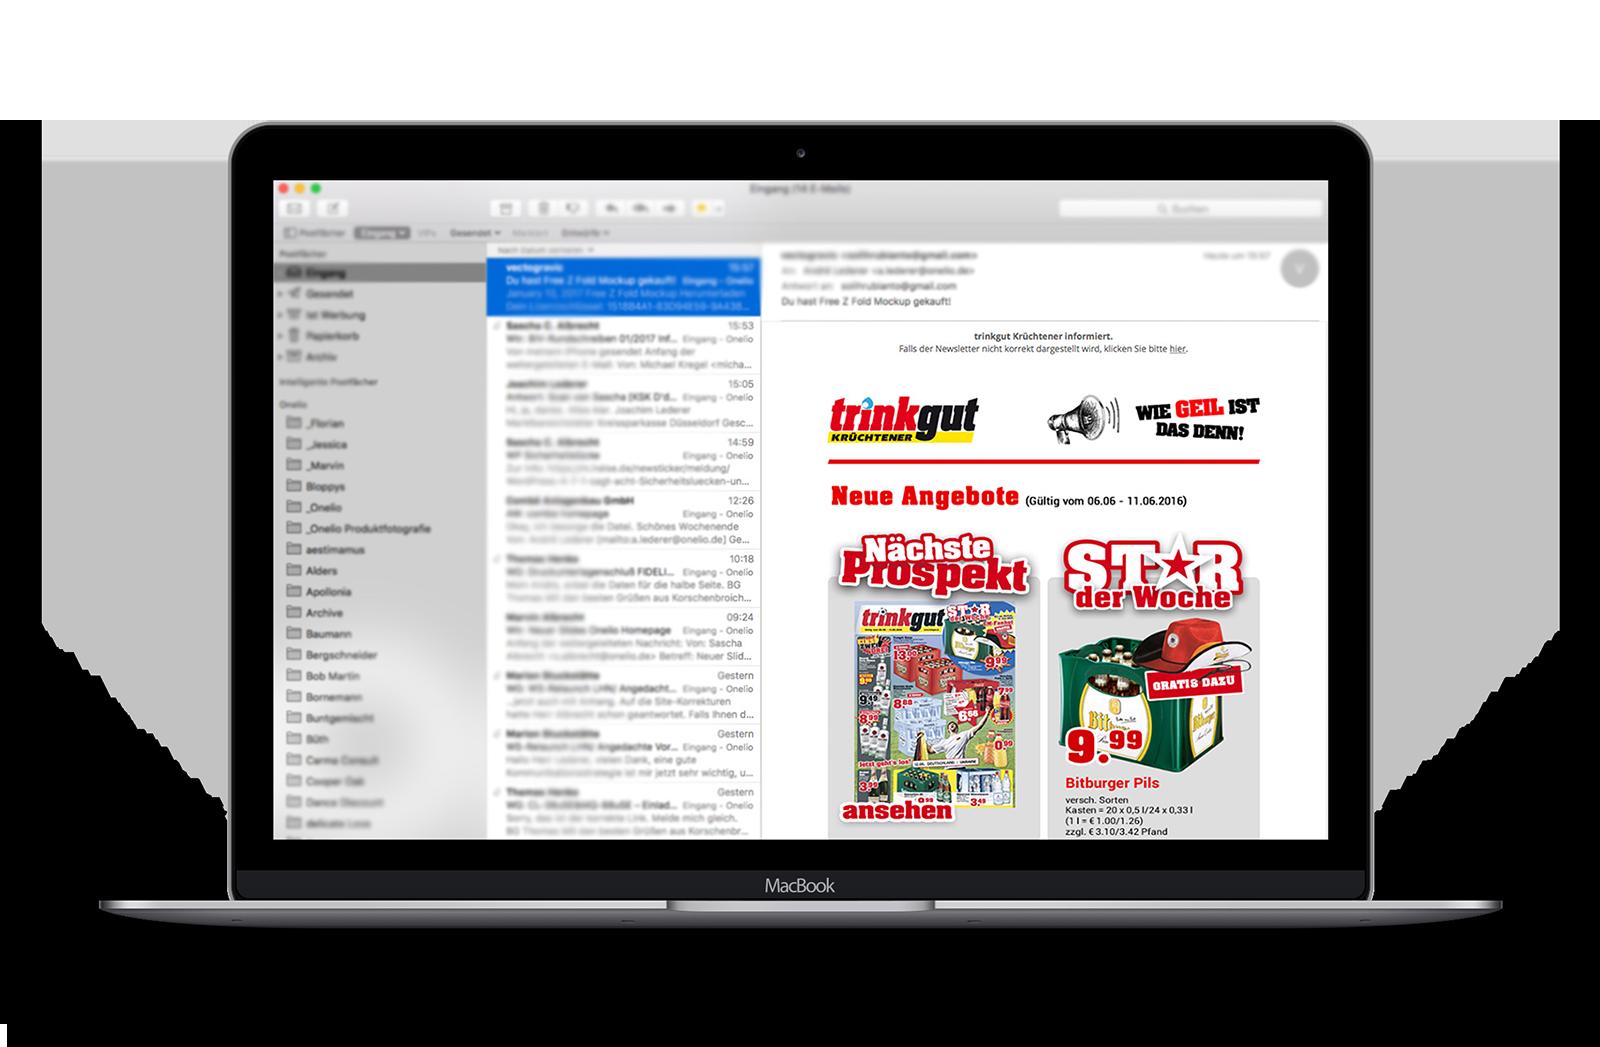 Email Marketing mit Newslettern made by Onelio Werbeagentur Düsseldorf